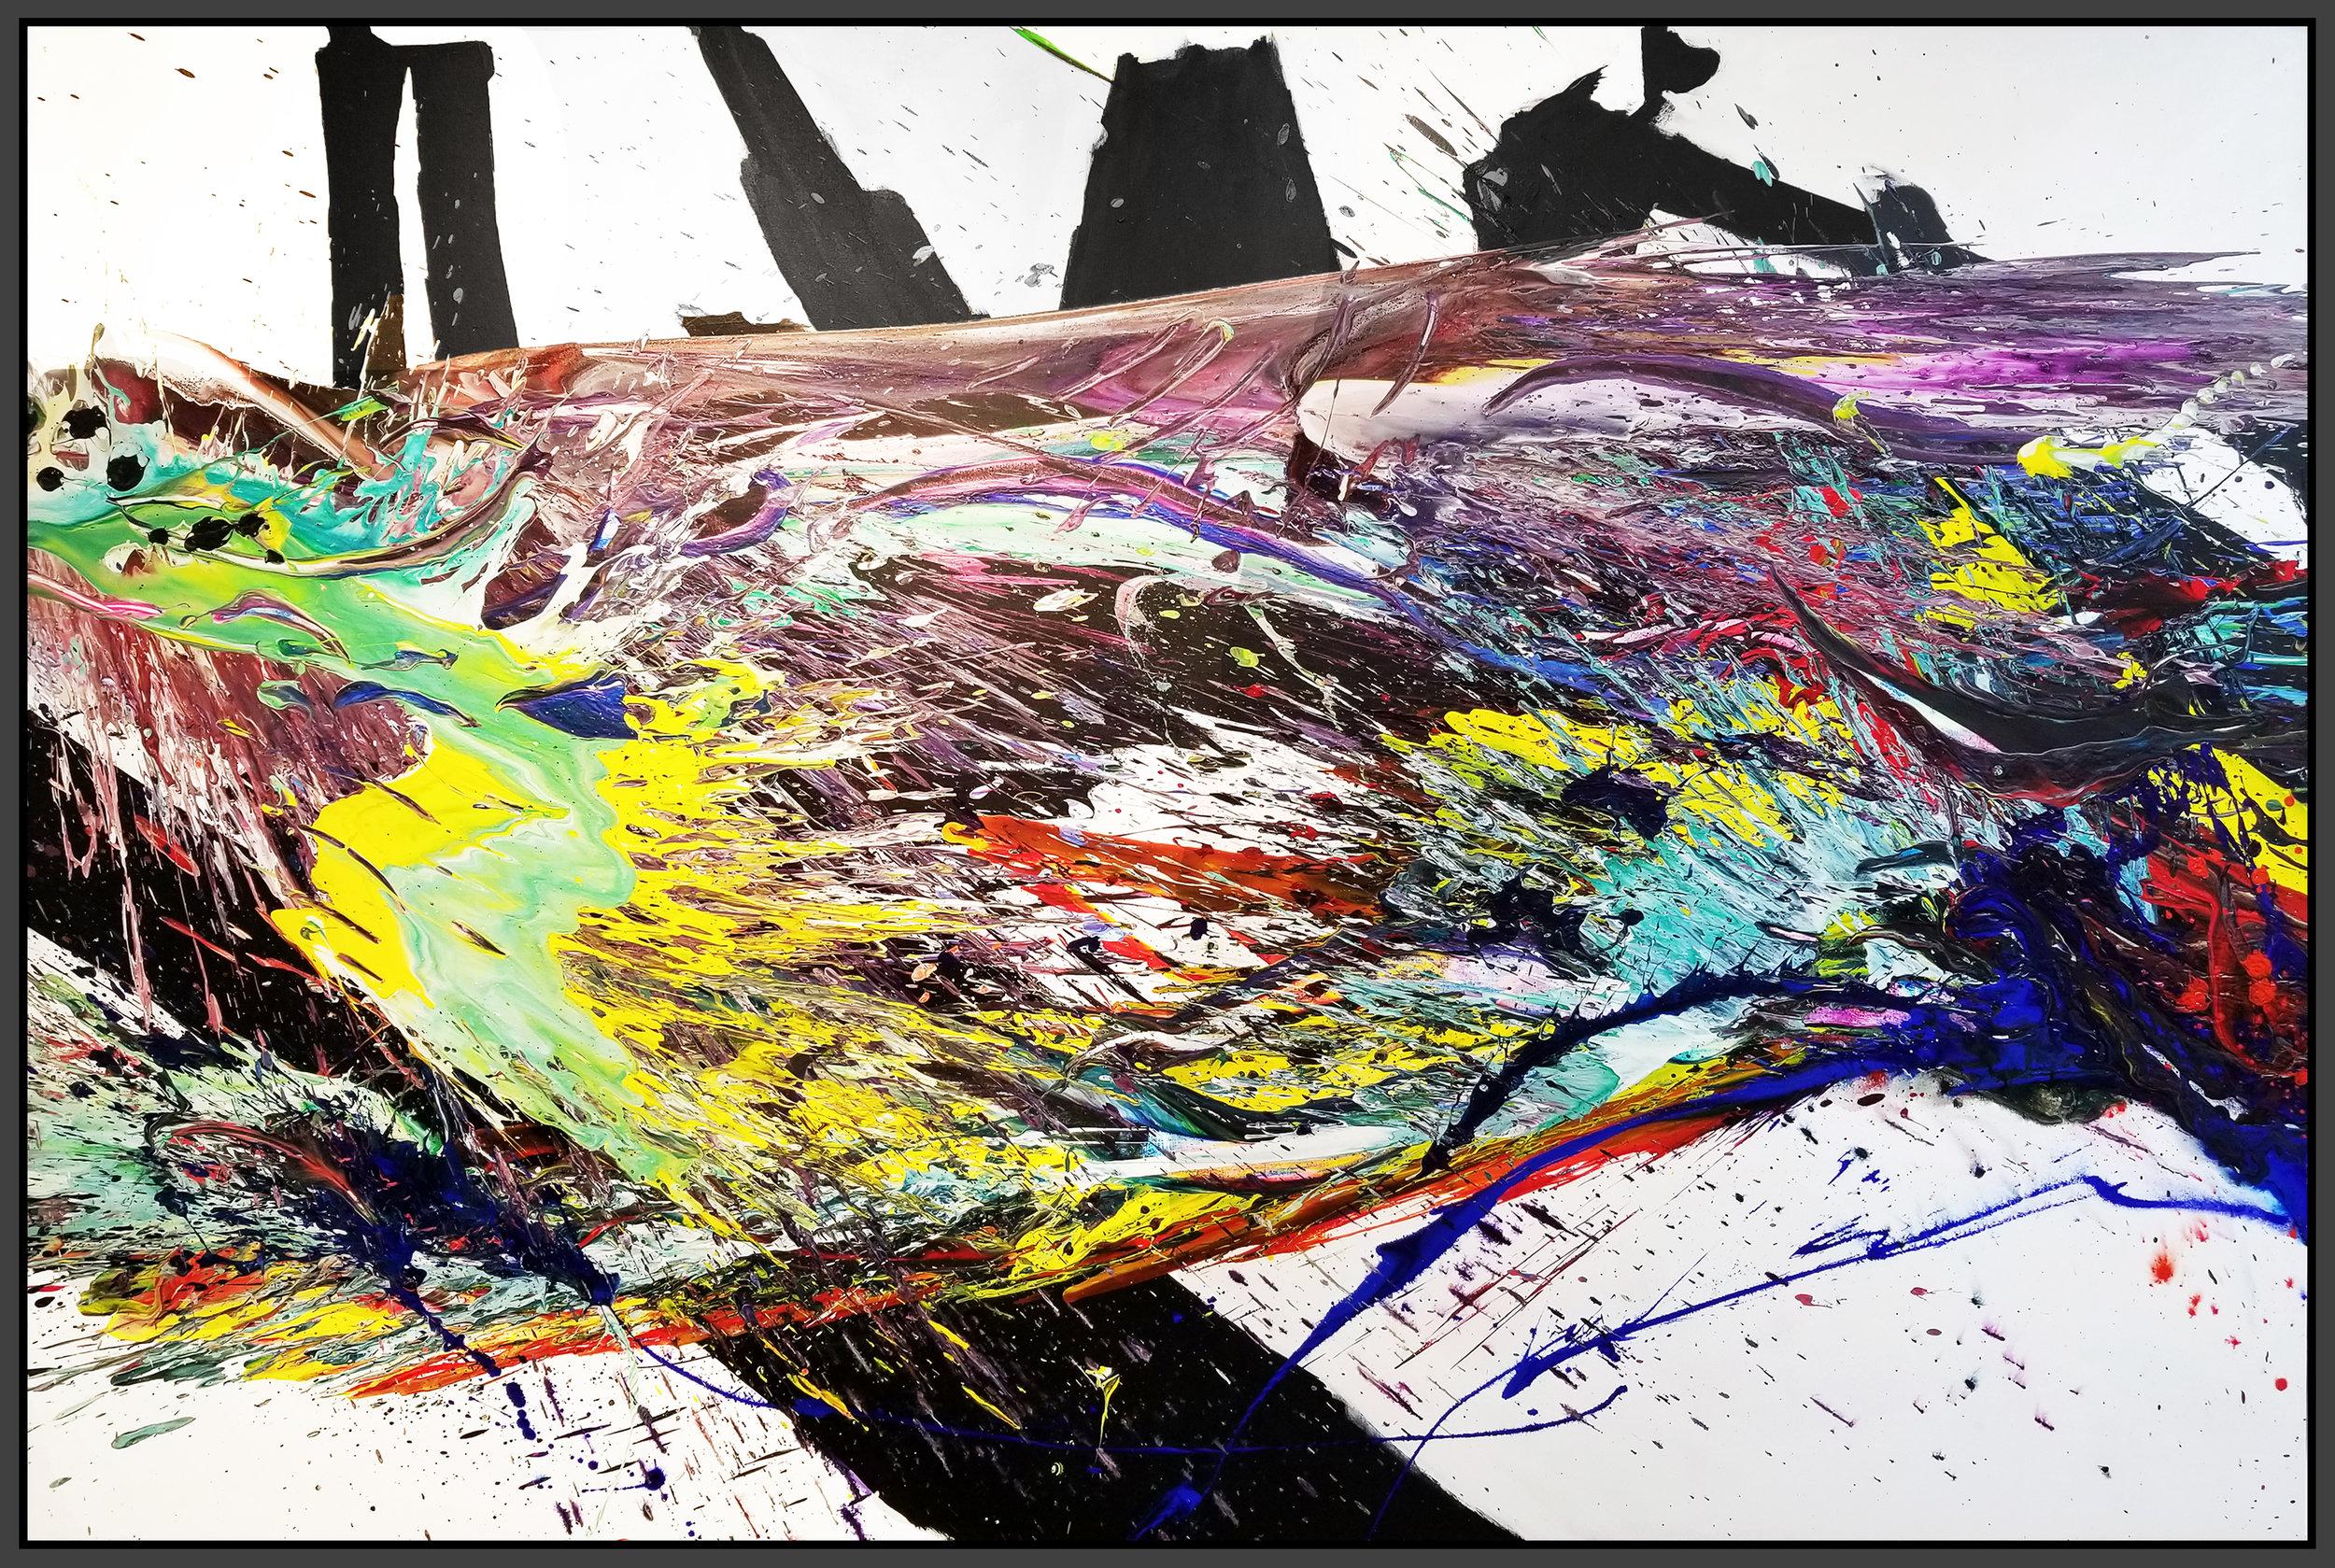 """SP² #97, 2018, acrylic on canvas, 72"""" x 108"""" (183 x 274.3 cm)"""